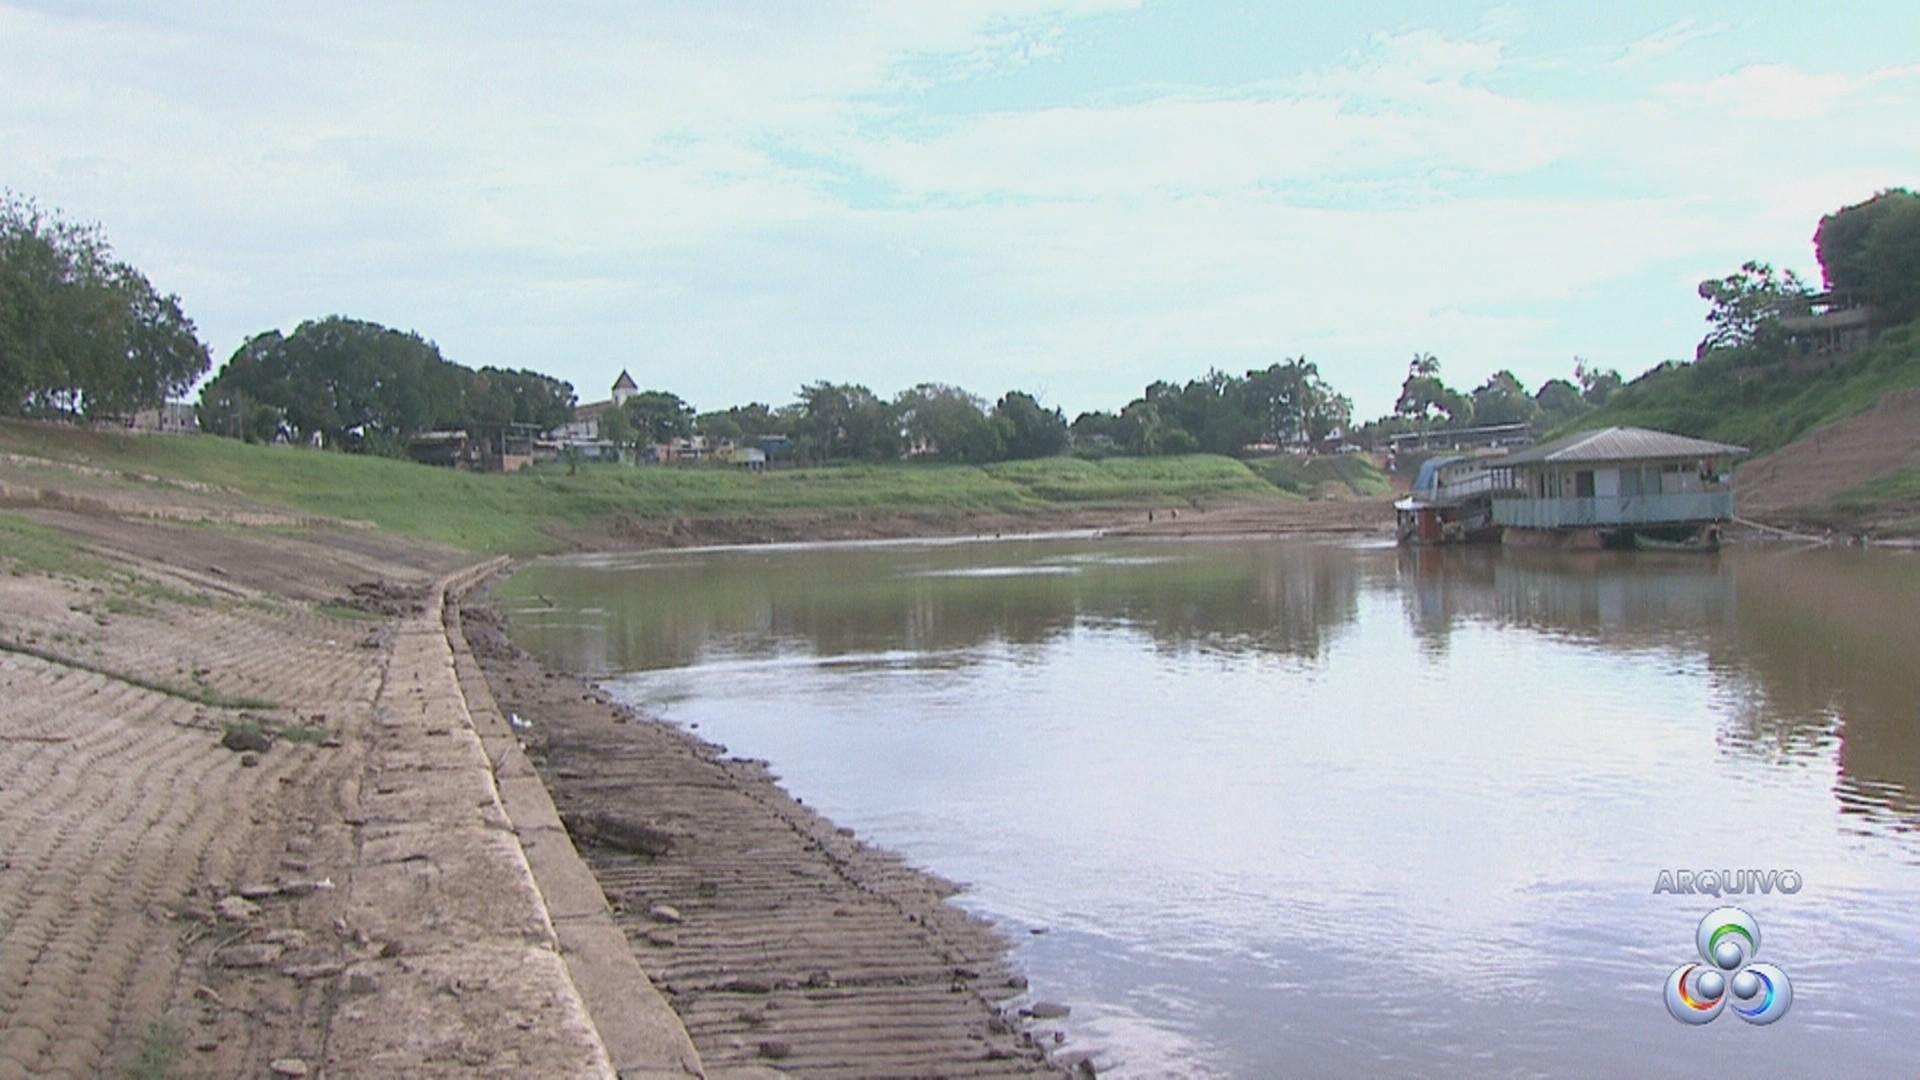 Abaixo dos 4 metros, nível do Rio Acre preocupa Defesa Civil  - Noticias